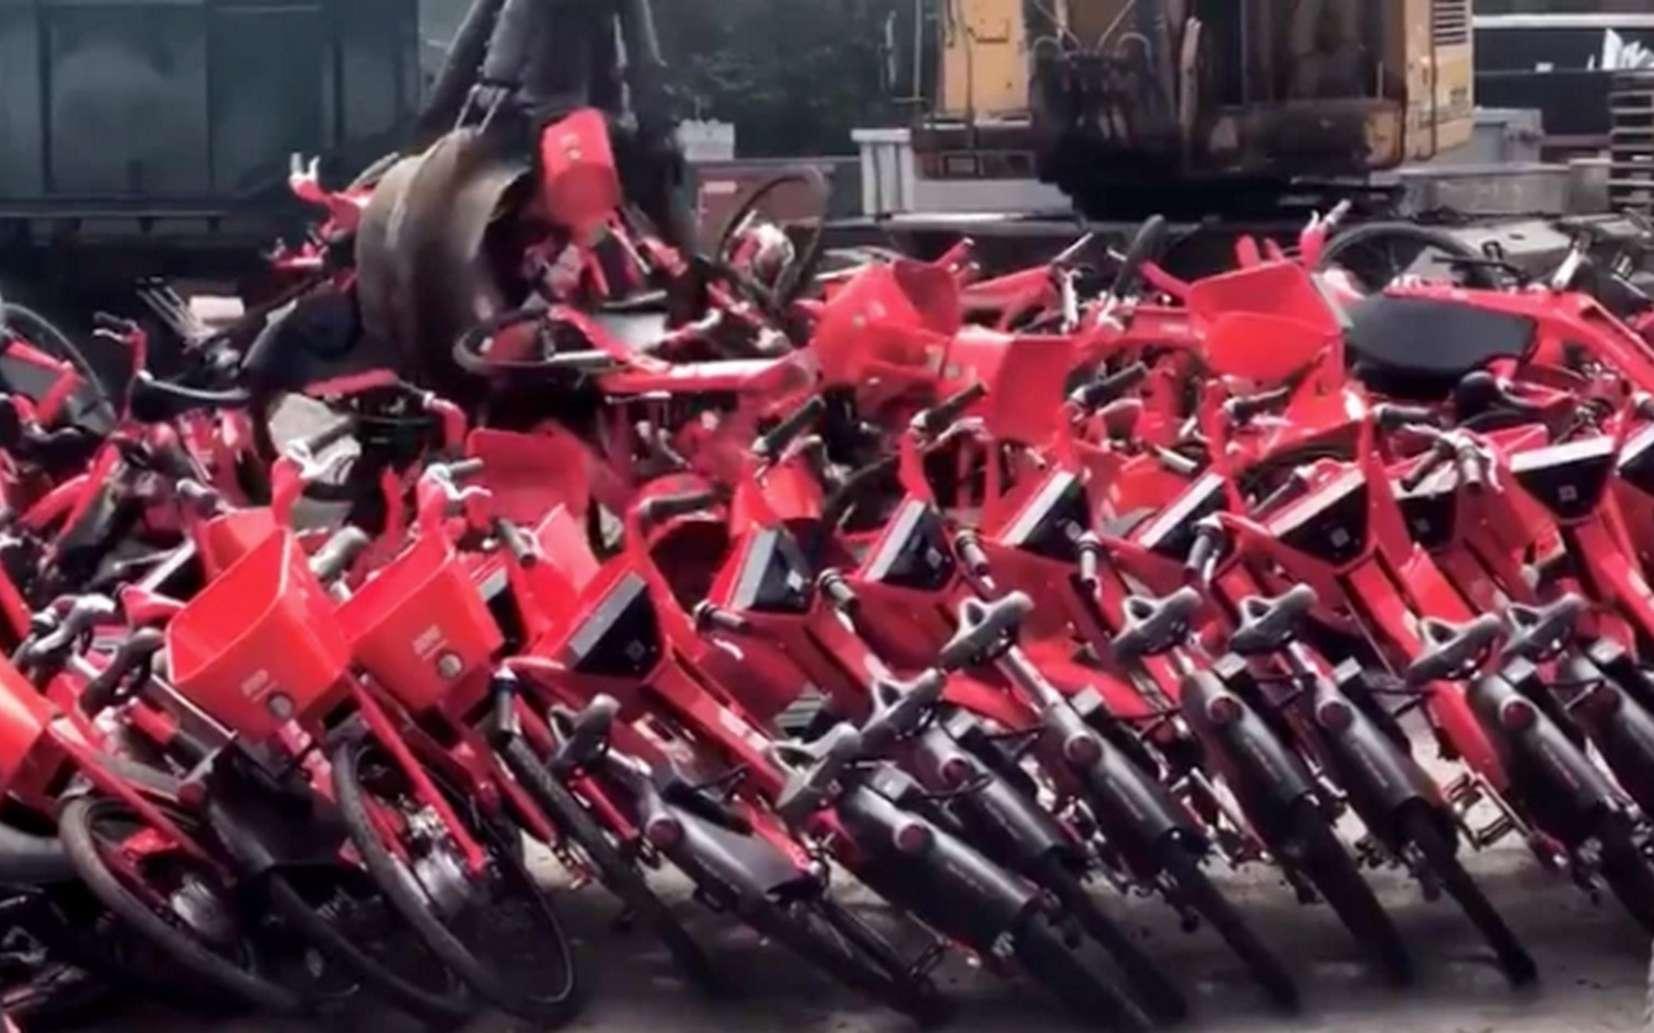 Une fois leurs batteries et les composants électroniques retirés, les vélos Jumps ont été broyés pour être recyclés. © Cris Moffitt